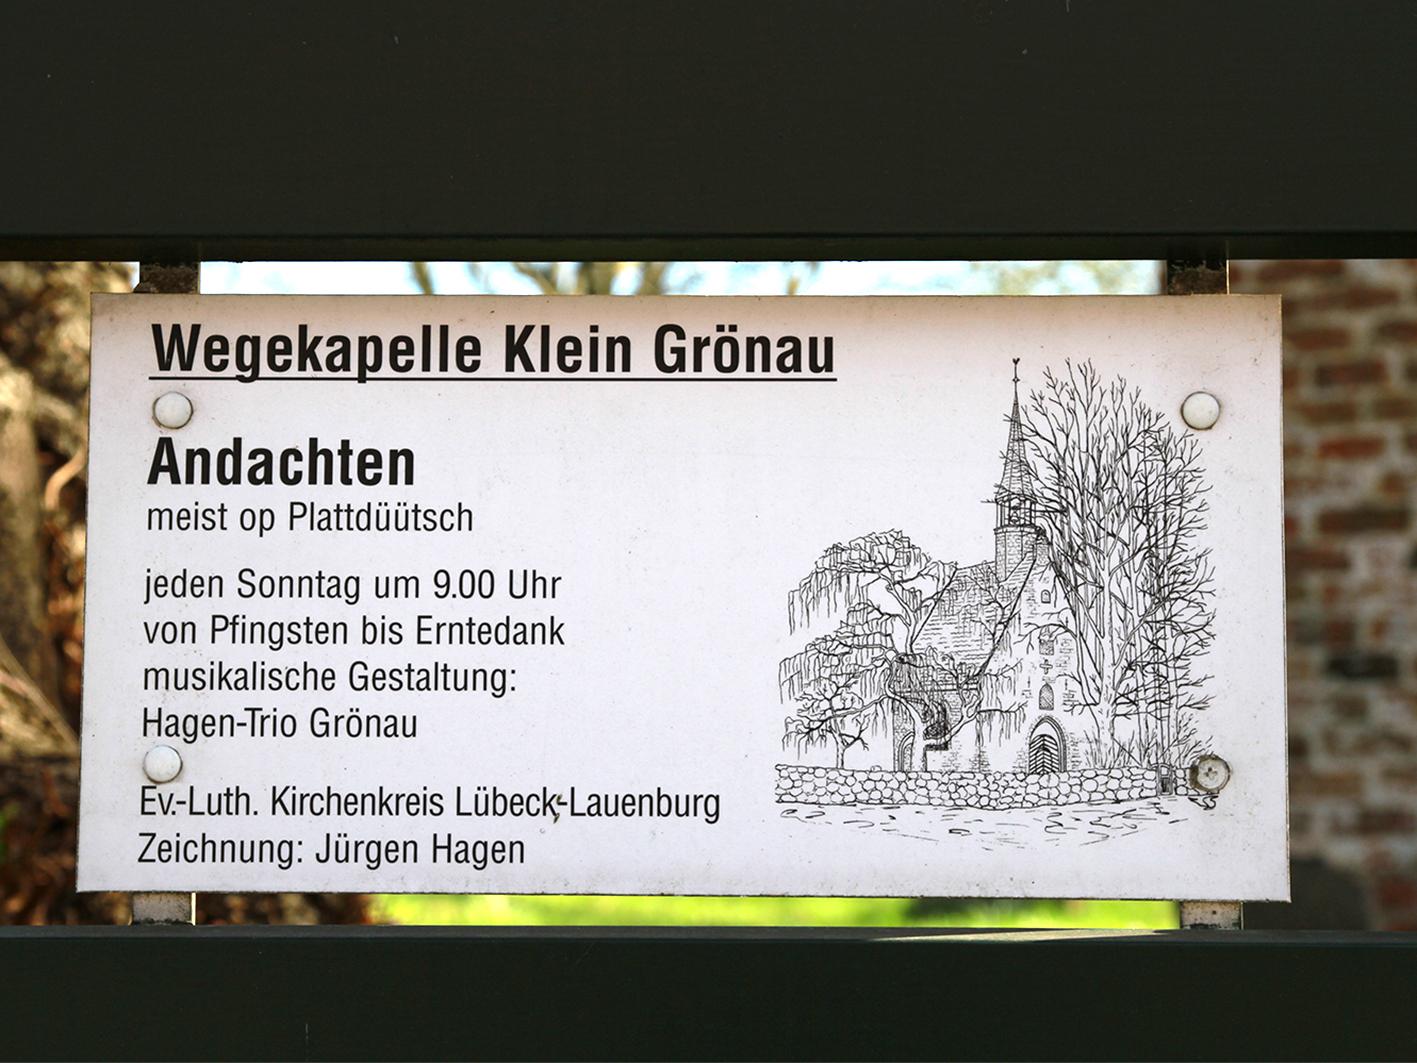 Bis Erntedank finden in der Wegekapelle Klein Grönau wieder die Plattdüütschen Andachten statt.